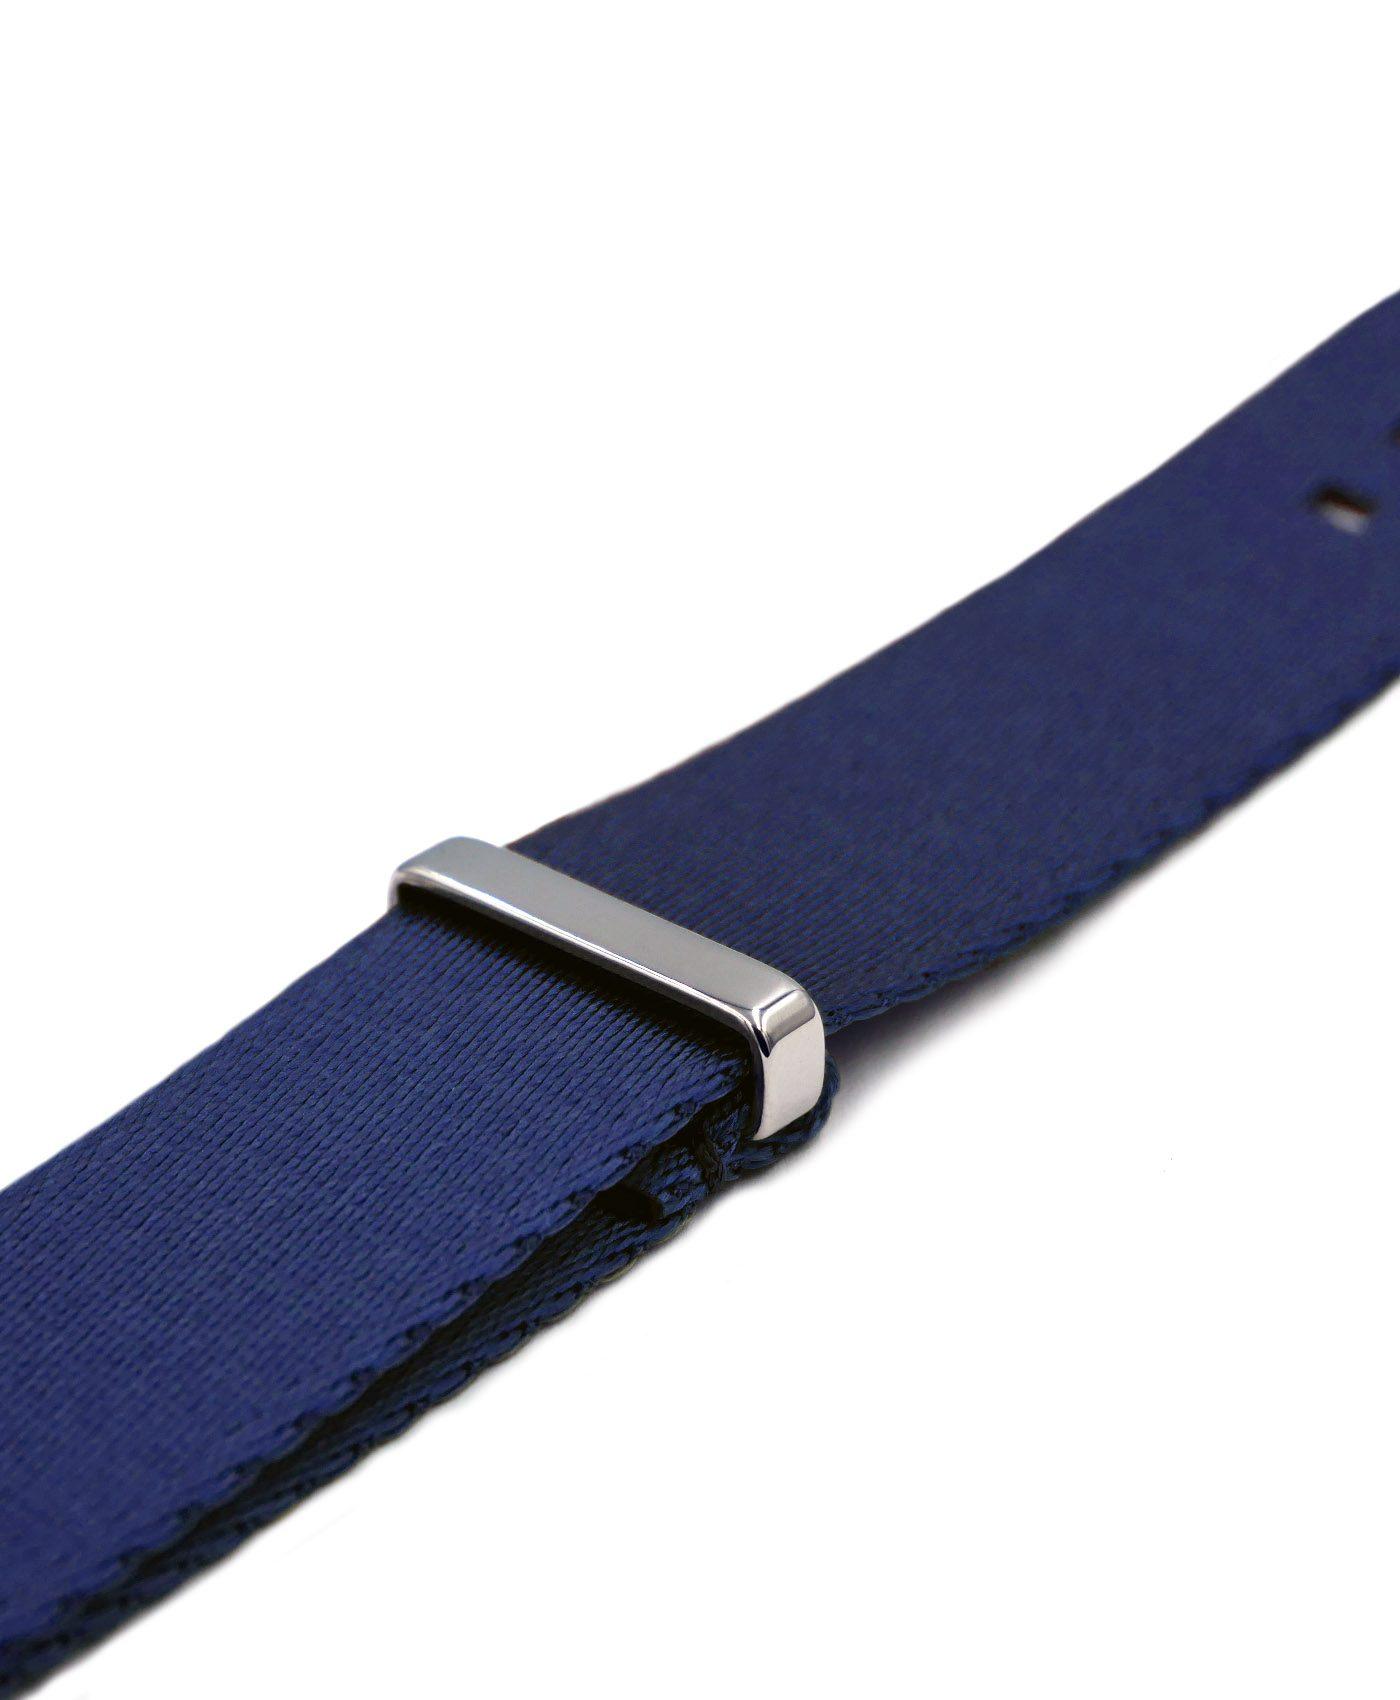 Premium 1.2 mm seat belt polished NATO Strap blue side by WatchBandit